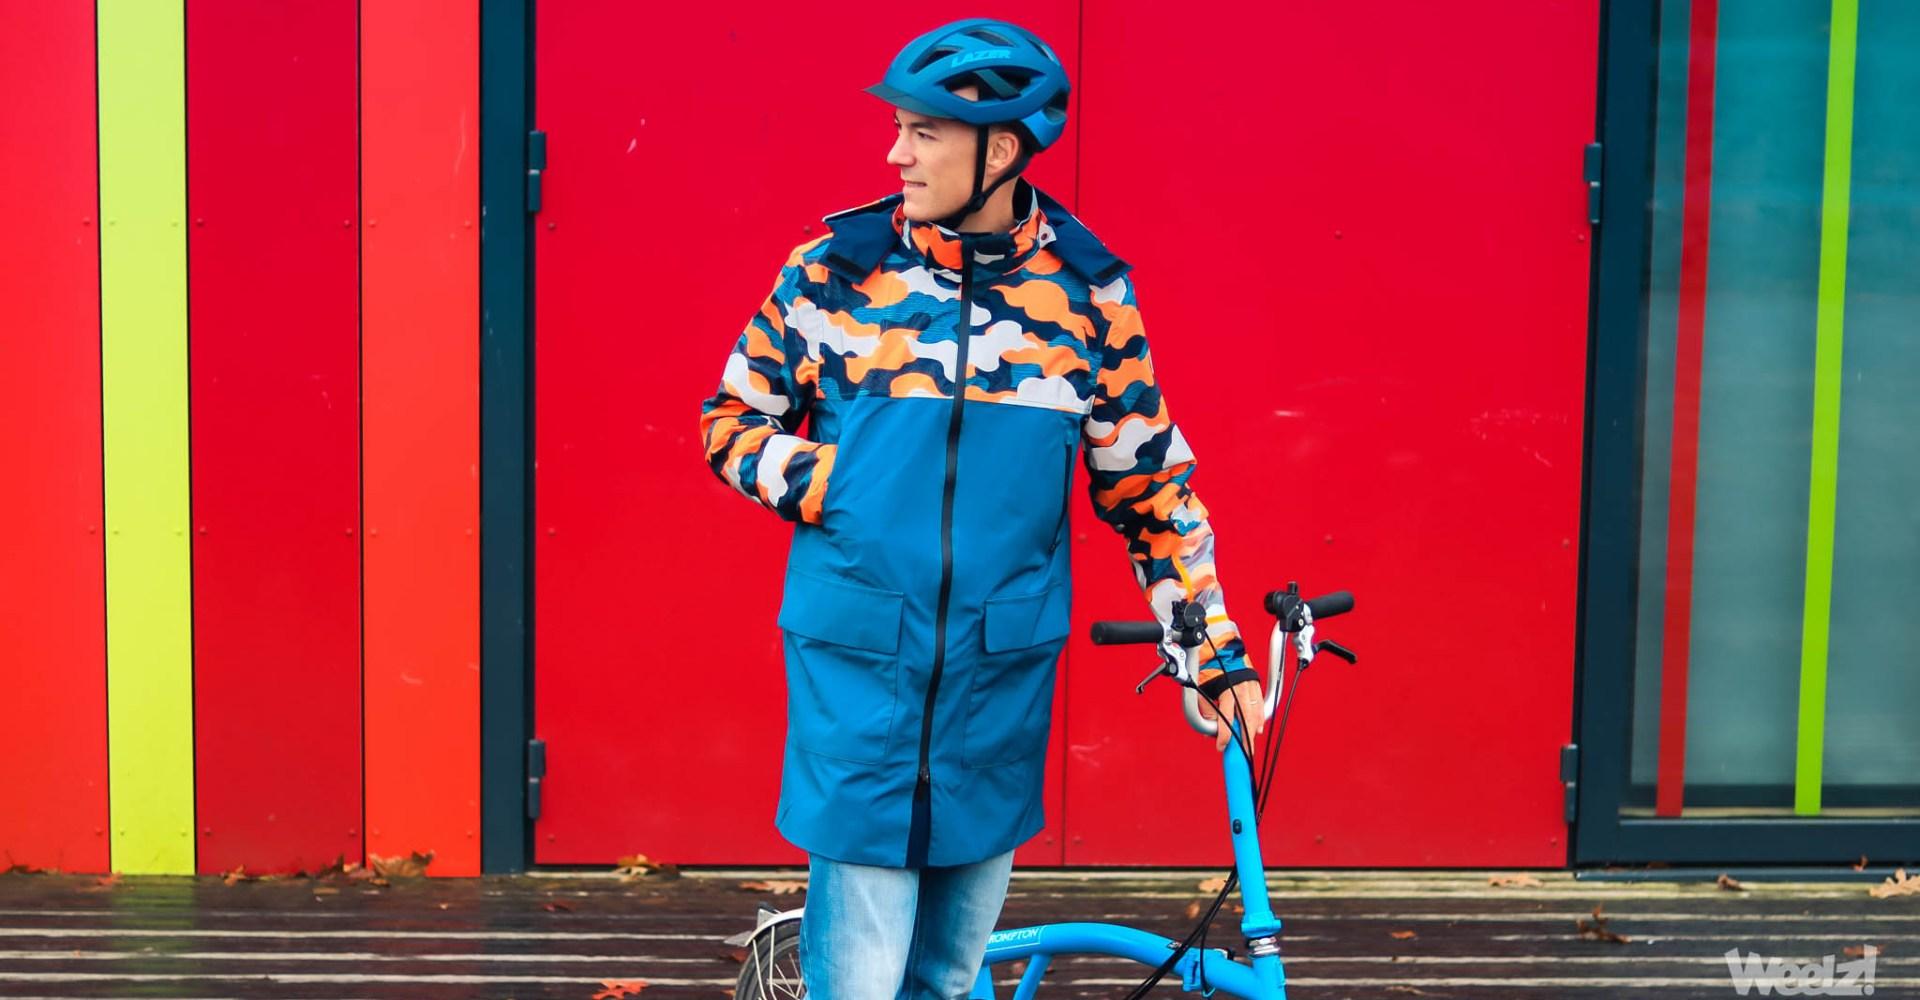 [Test] Parka vélo Urban Circus x Aigle, la haute-visibilité française